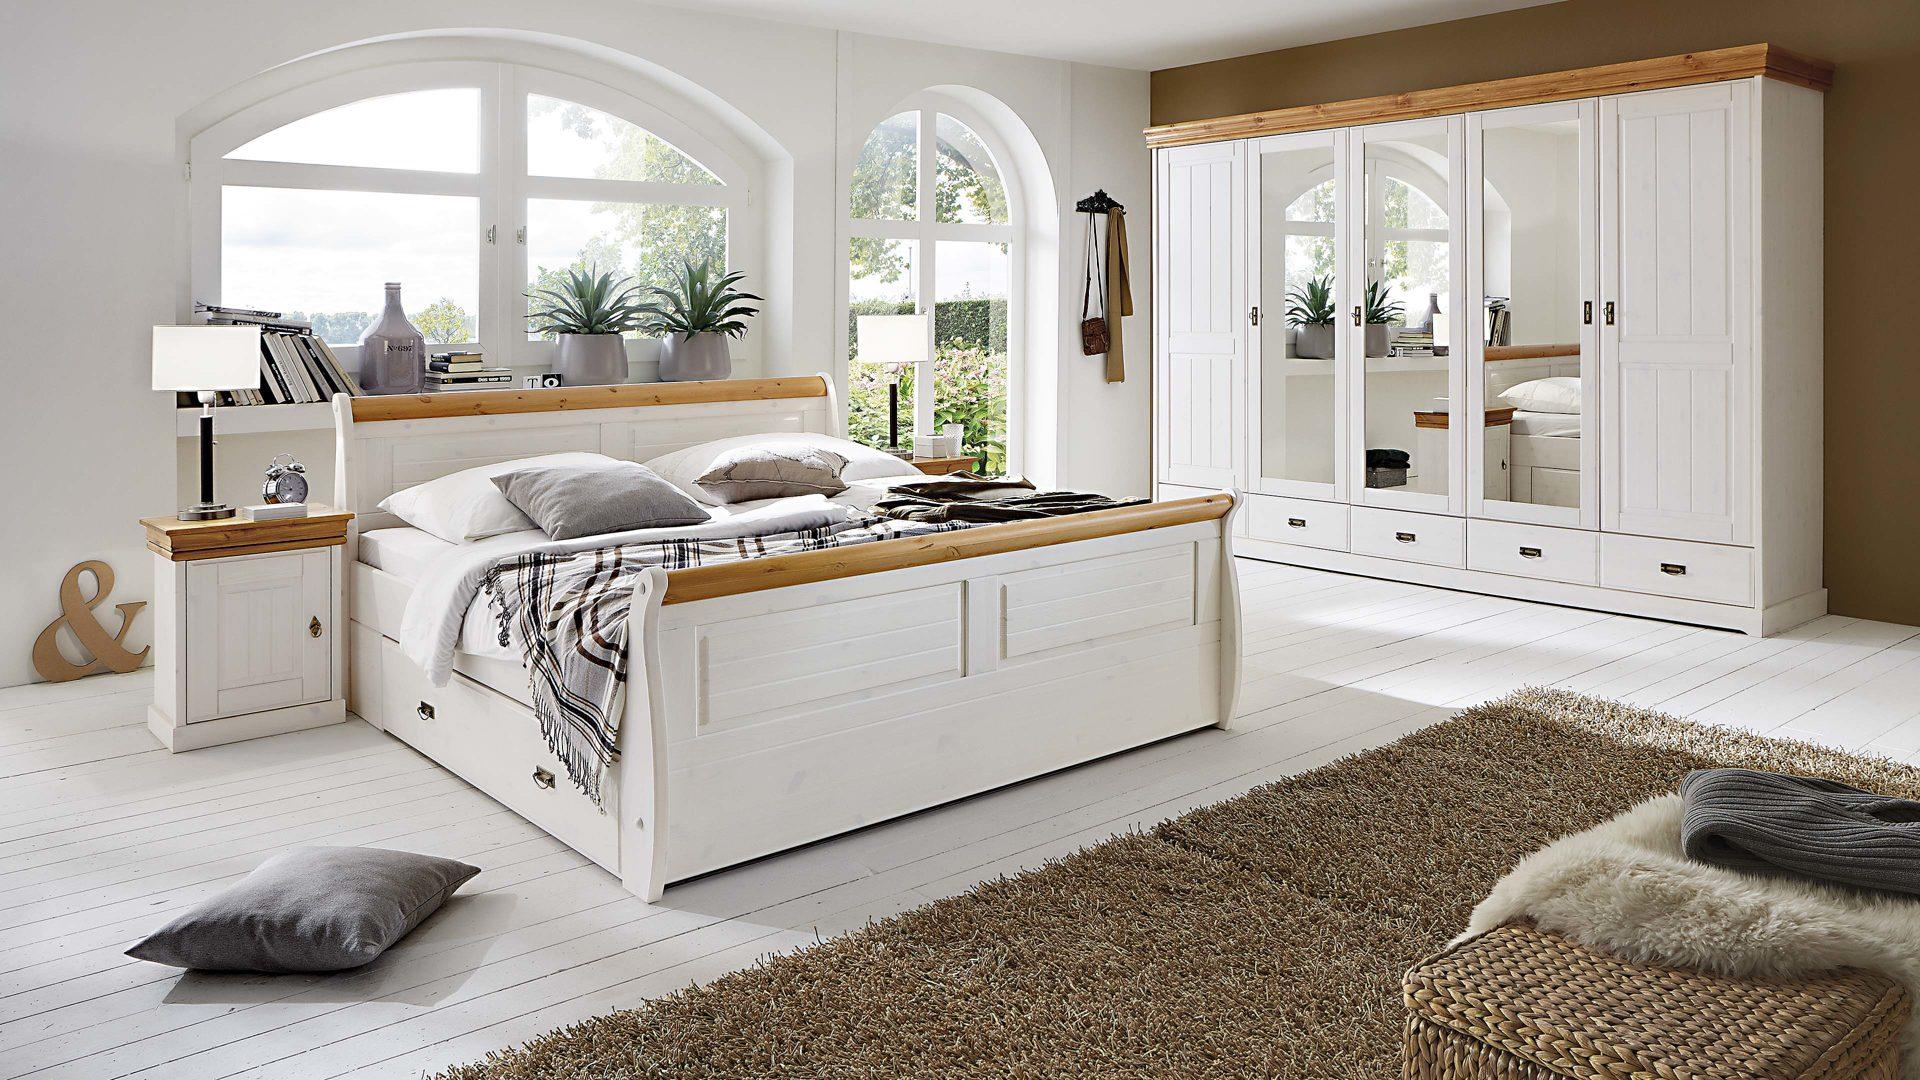 Komplettzimmer 3s Frankenmöbel Aus Holz In Weiß 3S Frankenmöbel Schlafzimmer  Im Nordischen Landhaus Stil Mit